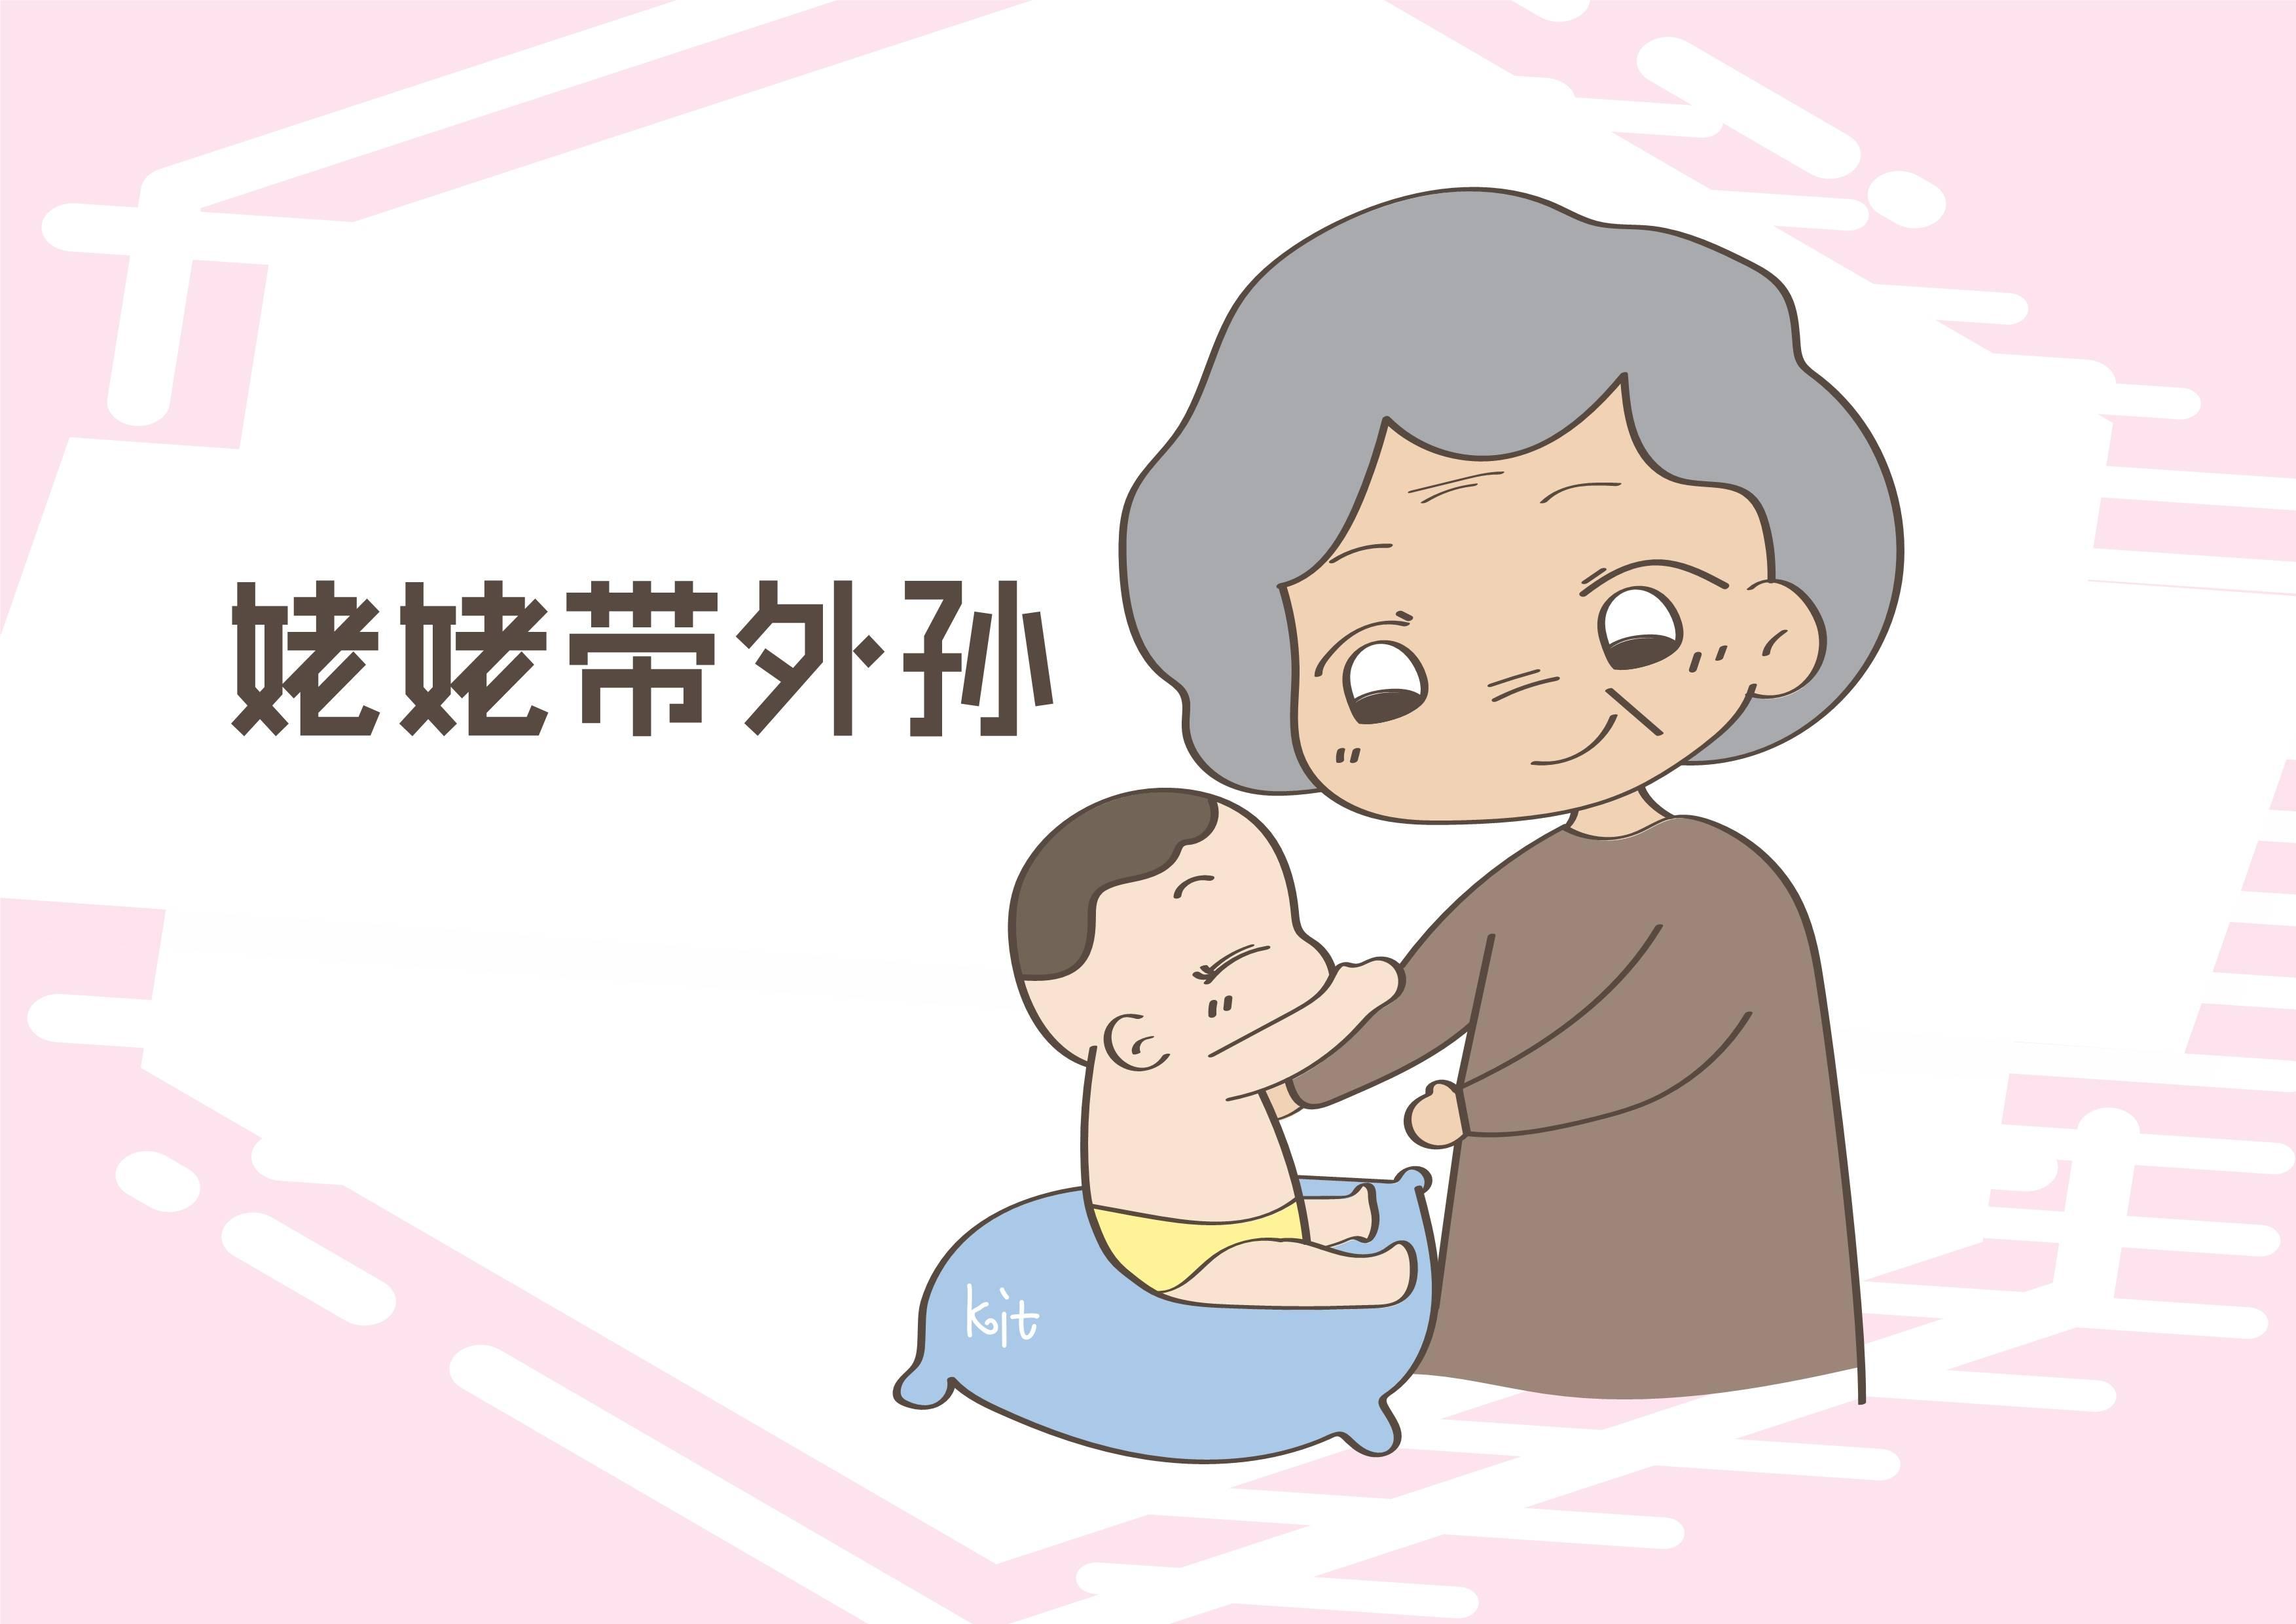 怀孕的小美人by失眠孤独 《阏氏》失眠孤独症患者